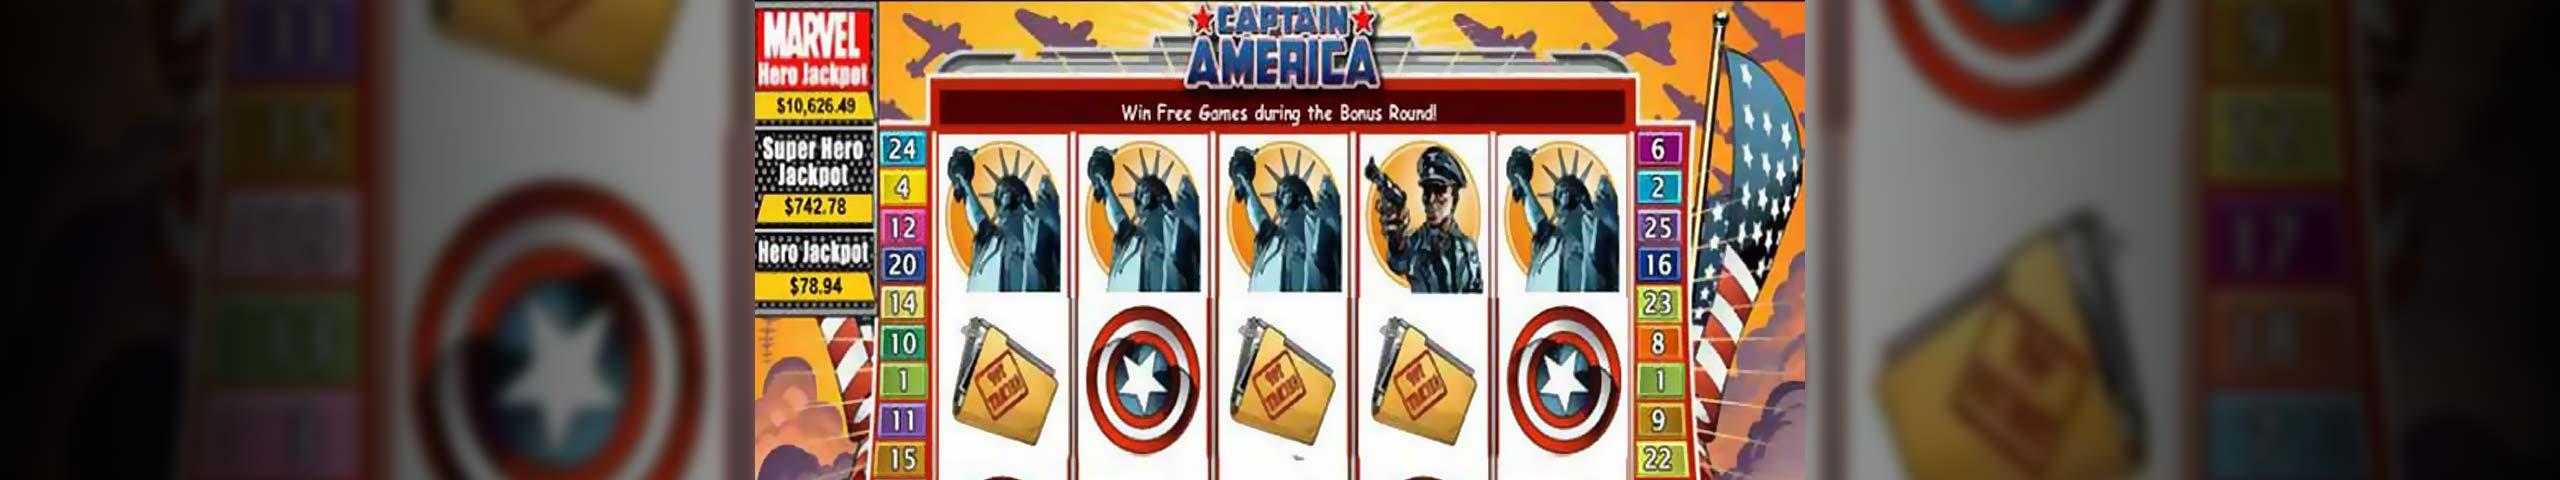 Spelautomater Captain America, Cryptologic Slider - Wyrmspel.com